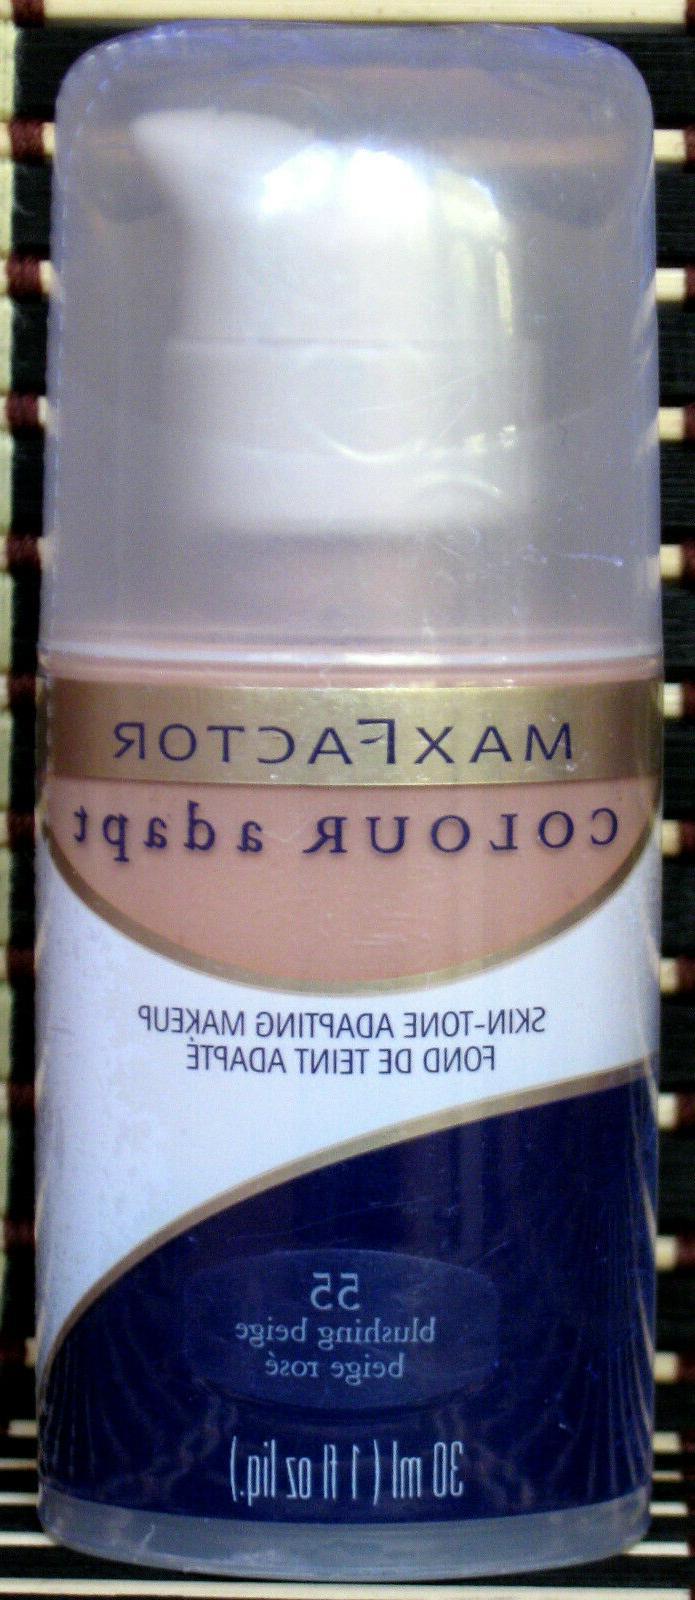 colour adap skin tone adapting makeup 55